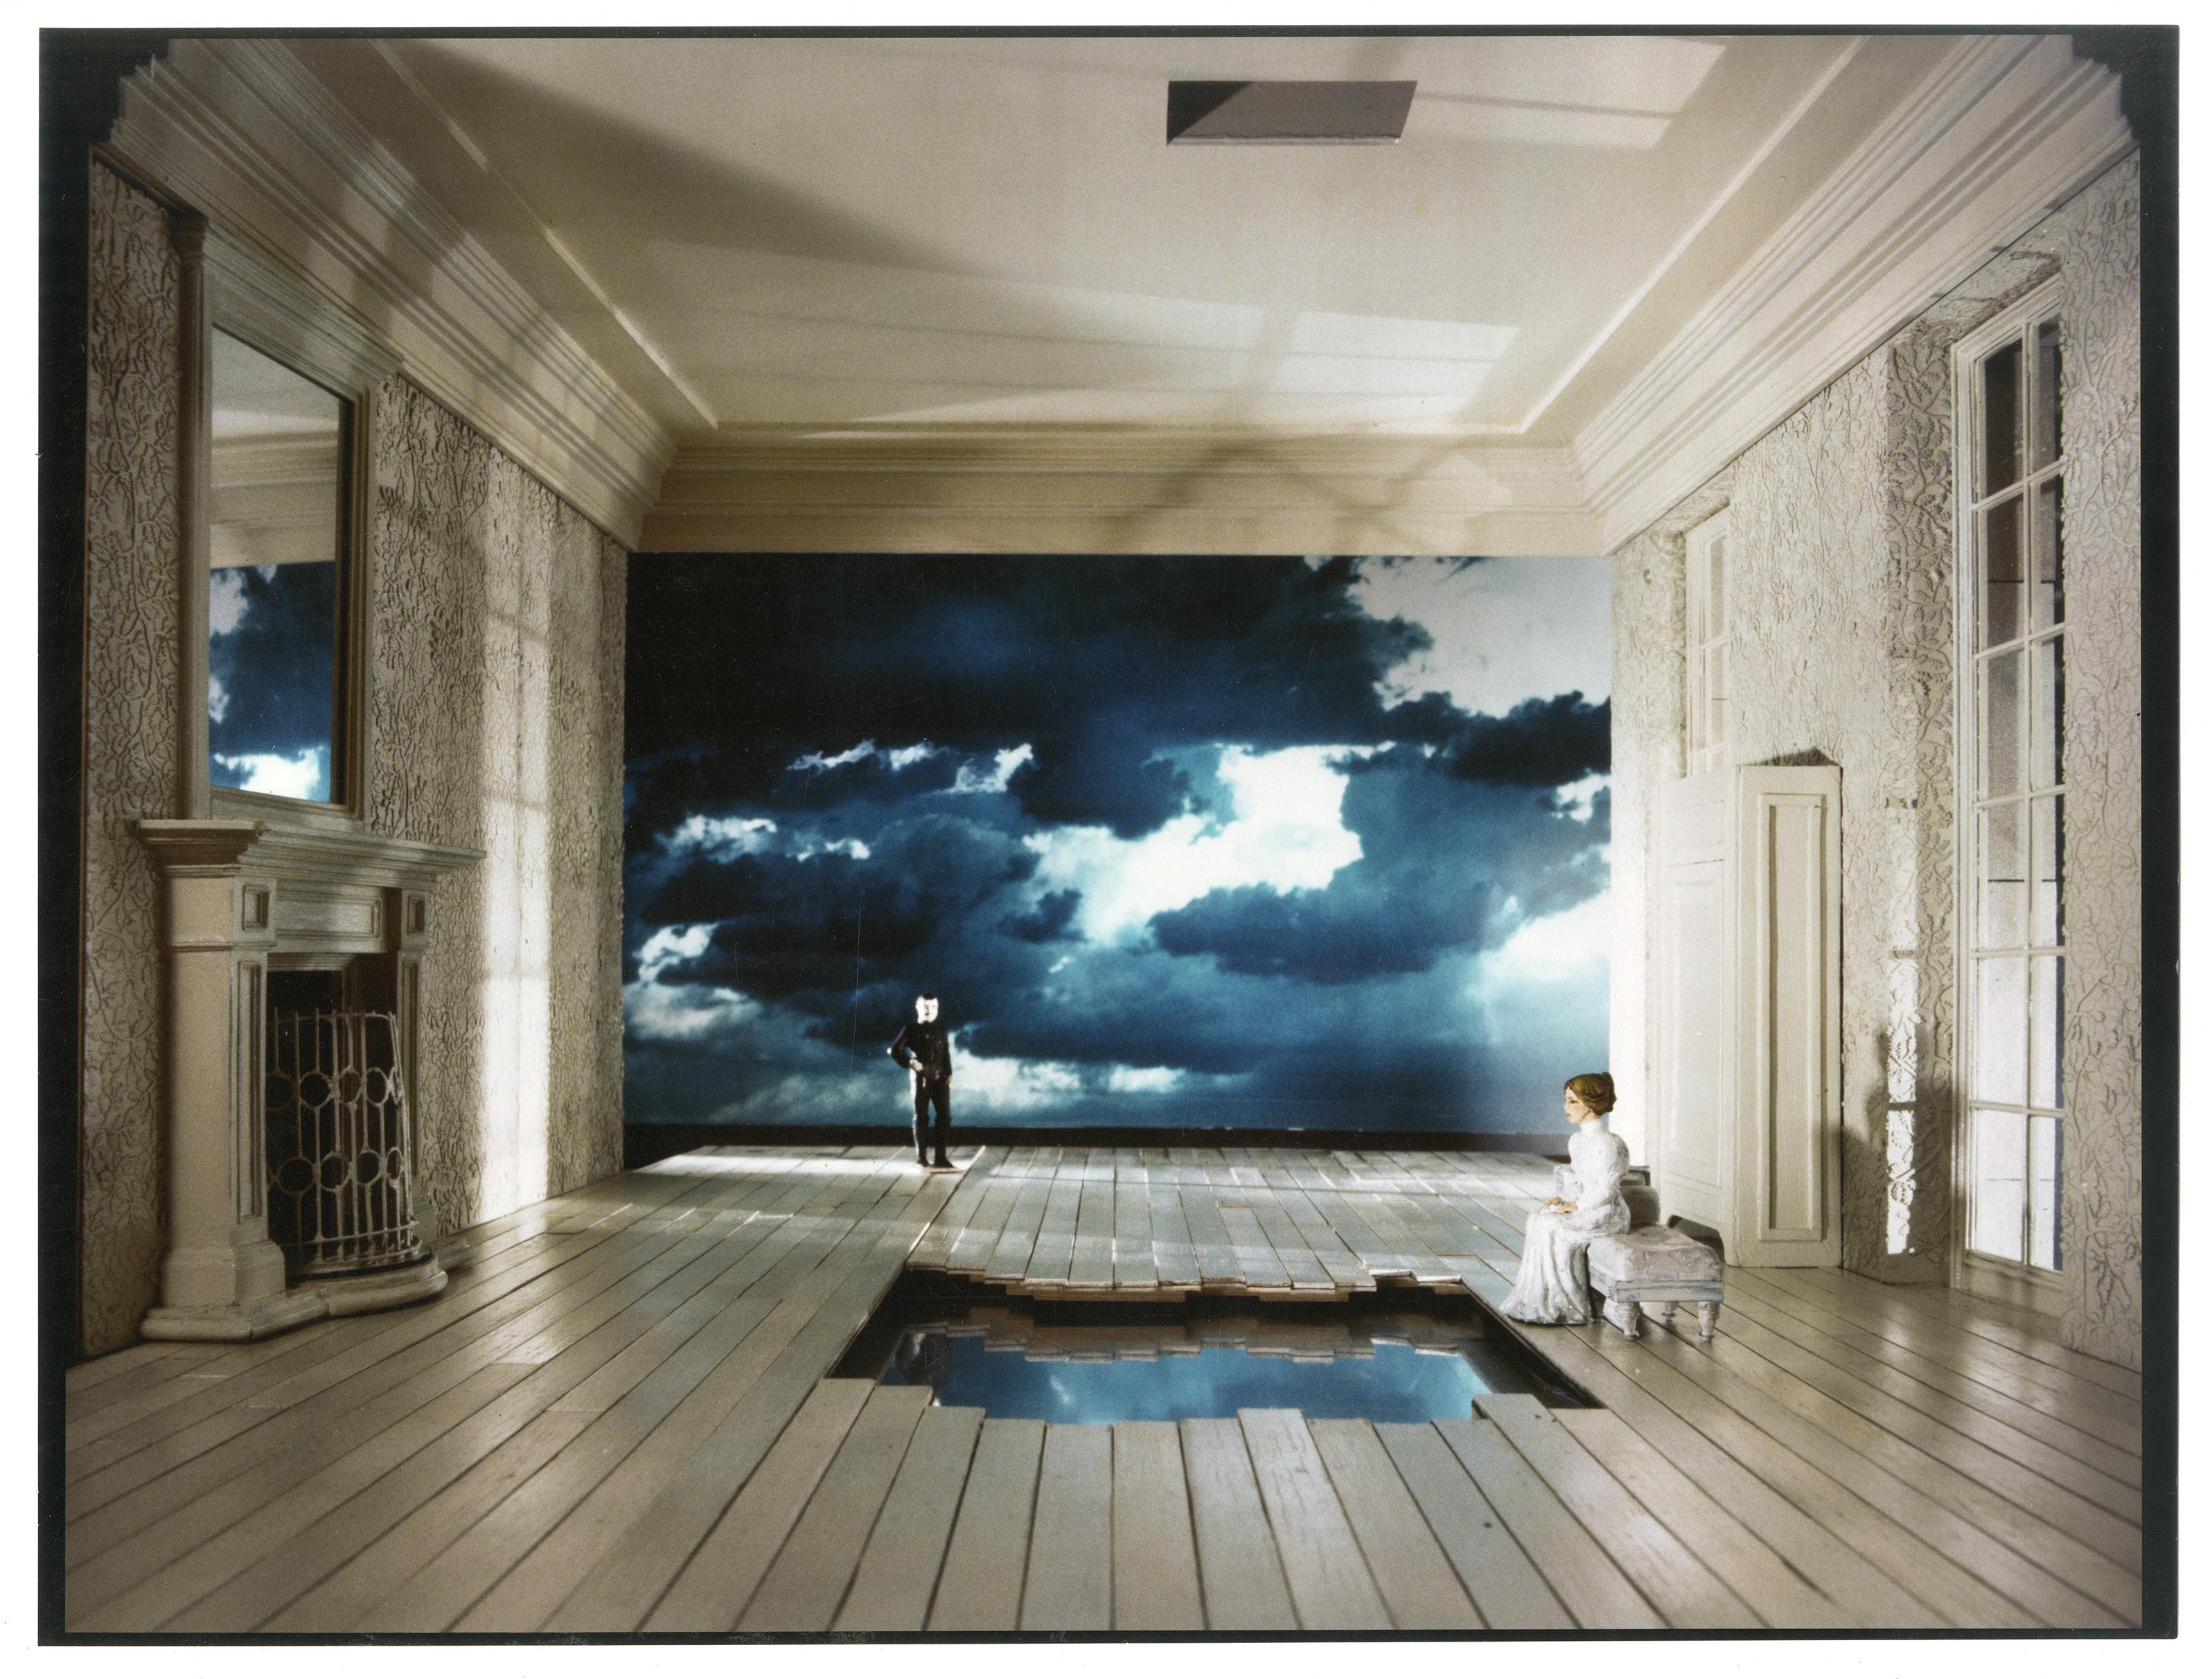 Μακέτα σκηνικού Στ. Λαζαρίδη για τη Ρουσάλκα ENO 1983 - φωτό Κλάιβ Μπάρντα